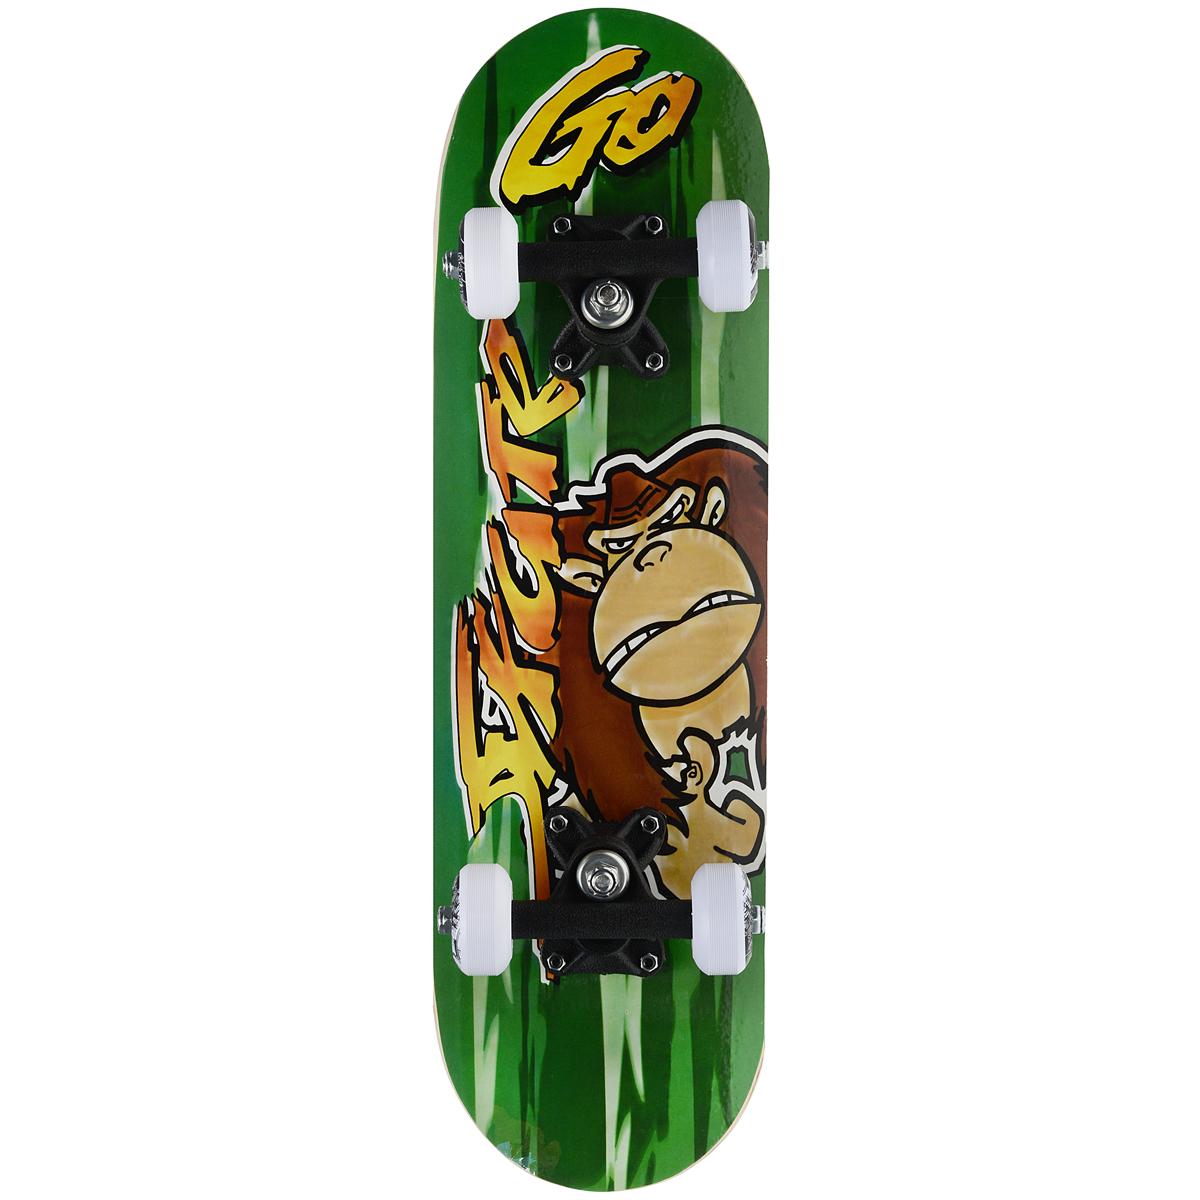 Скейтборд MaxCity Monkey, цветной принт, дека 55 см х 16,5 см2770960904714Cкейтборды MaxCity - это самый подходящий вариант для начинающих скейтбордистов и просто любителей. Качественные материалы изготовления дадут вам полностью ощутить удовольствие от катания, а надежные комплектующие позволят выполнять несложные трюки без риска повредить доску. MaxCity - это качество по приемлемой цене. Нижняя часть деки украшена оригинальным рисунком.